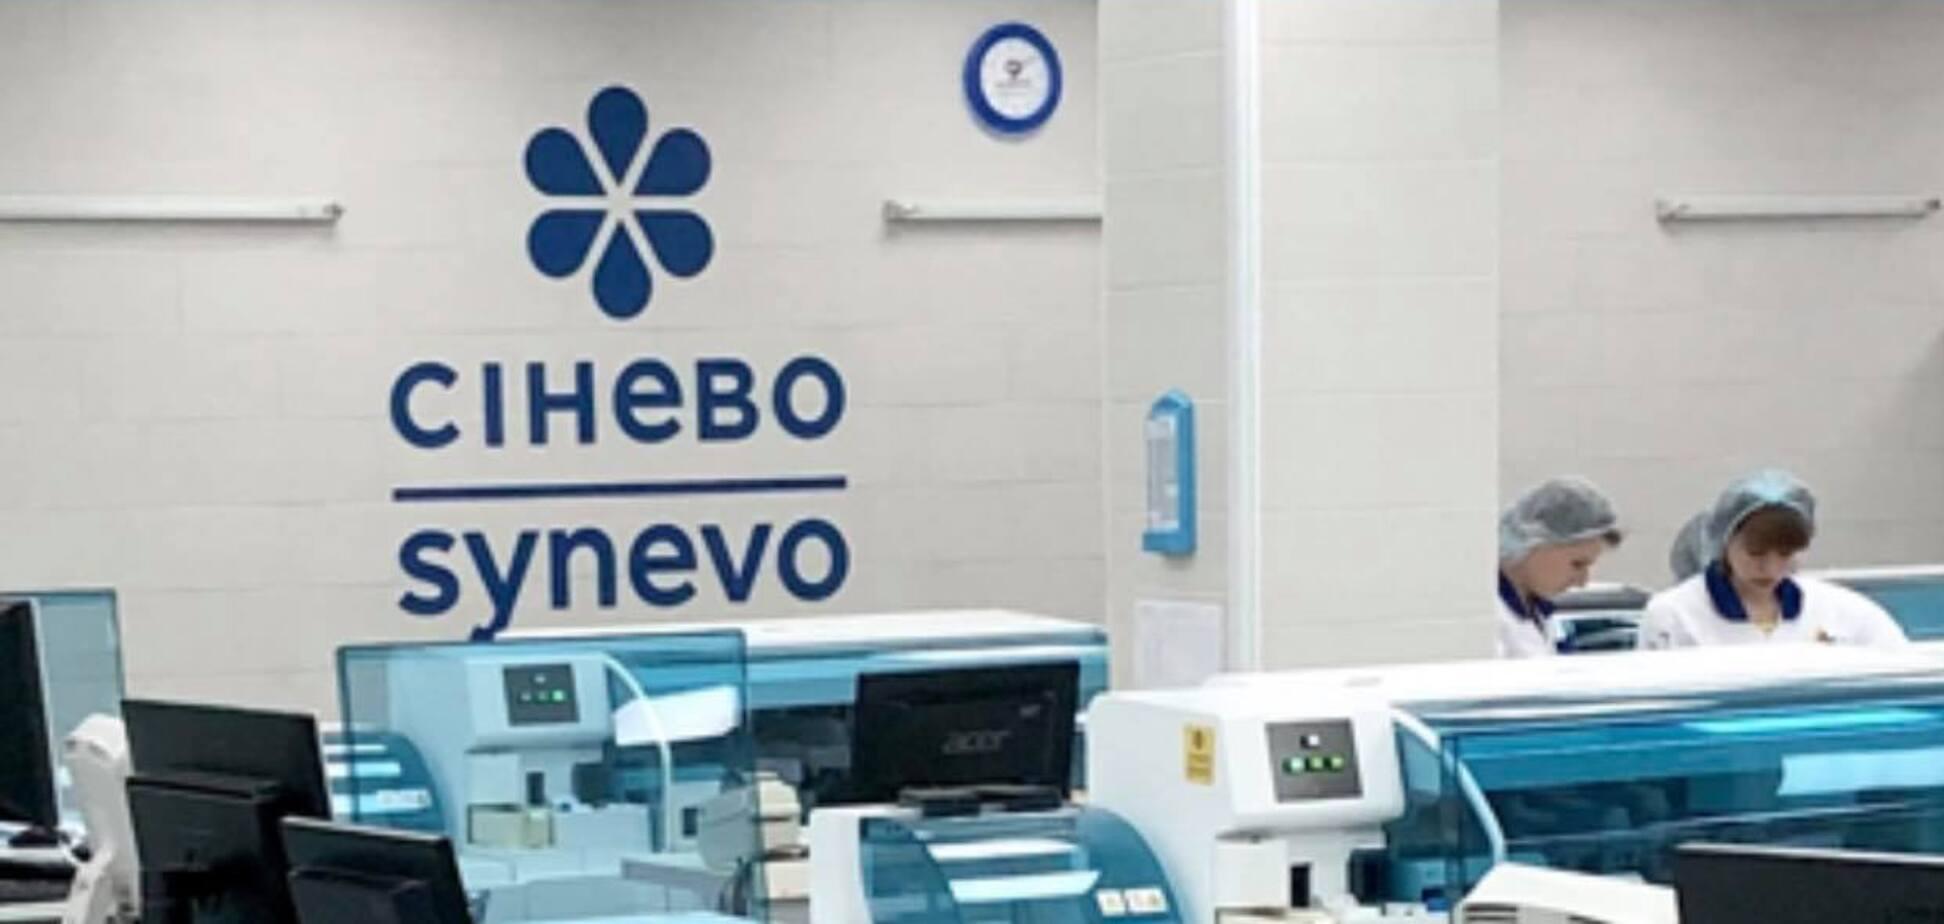 Лабораторія 'Сінево' інвестувала 500 тис. євро у запуск нової лабораторії в Херсоні